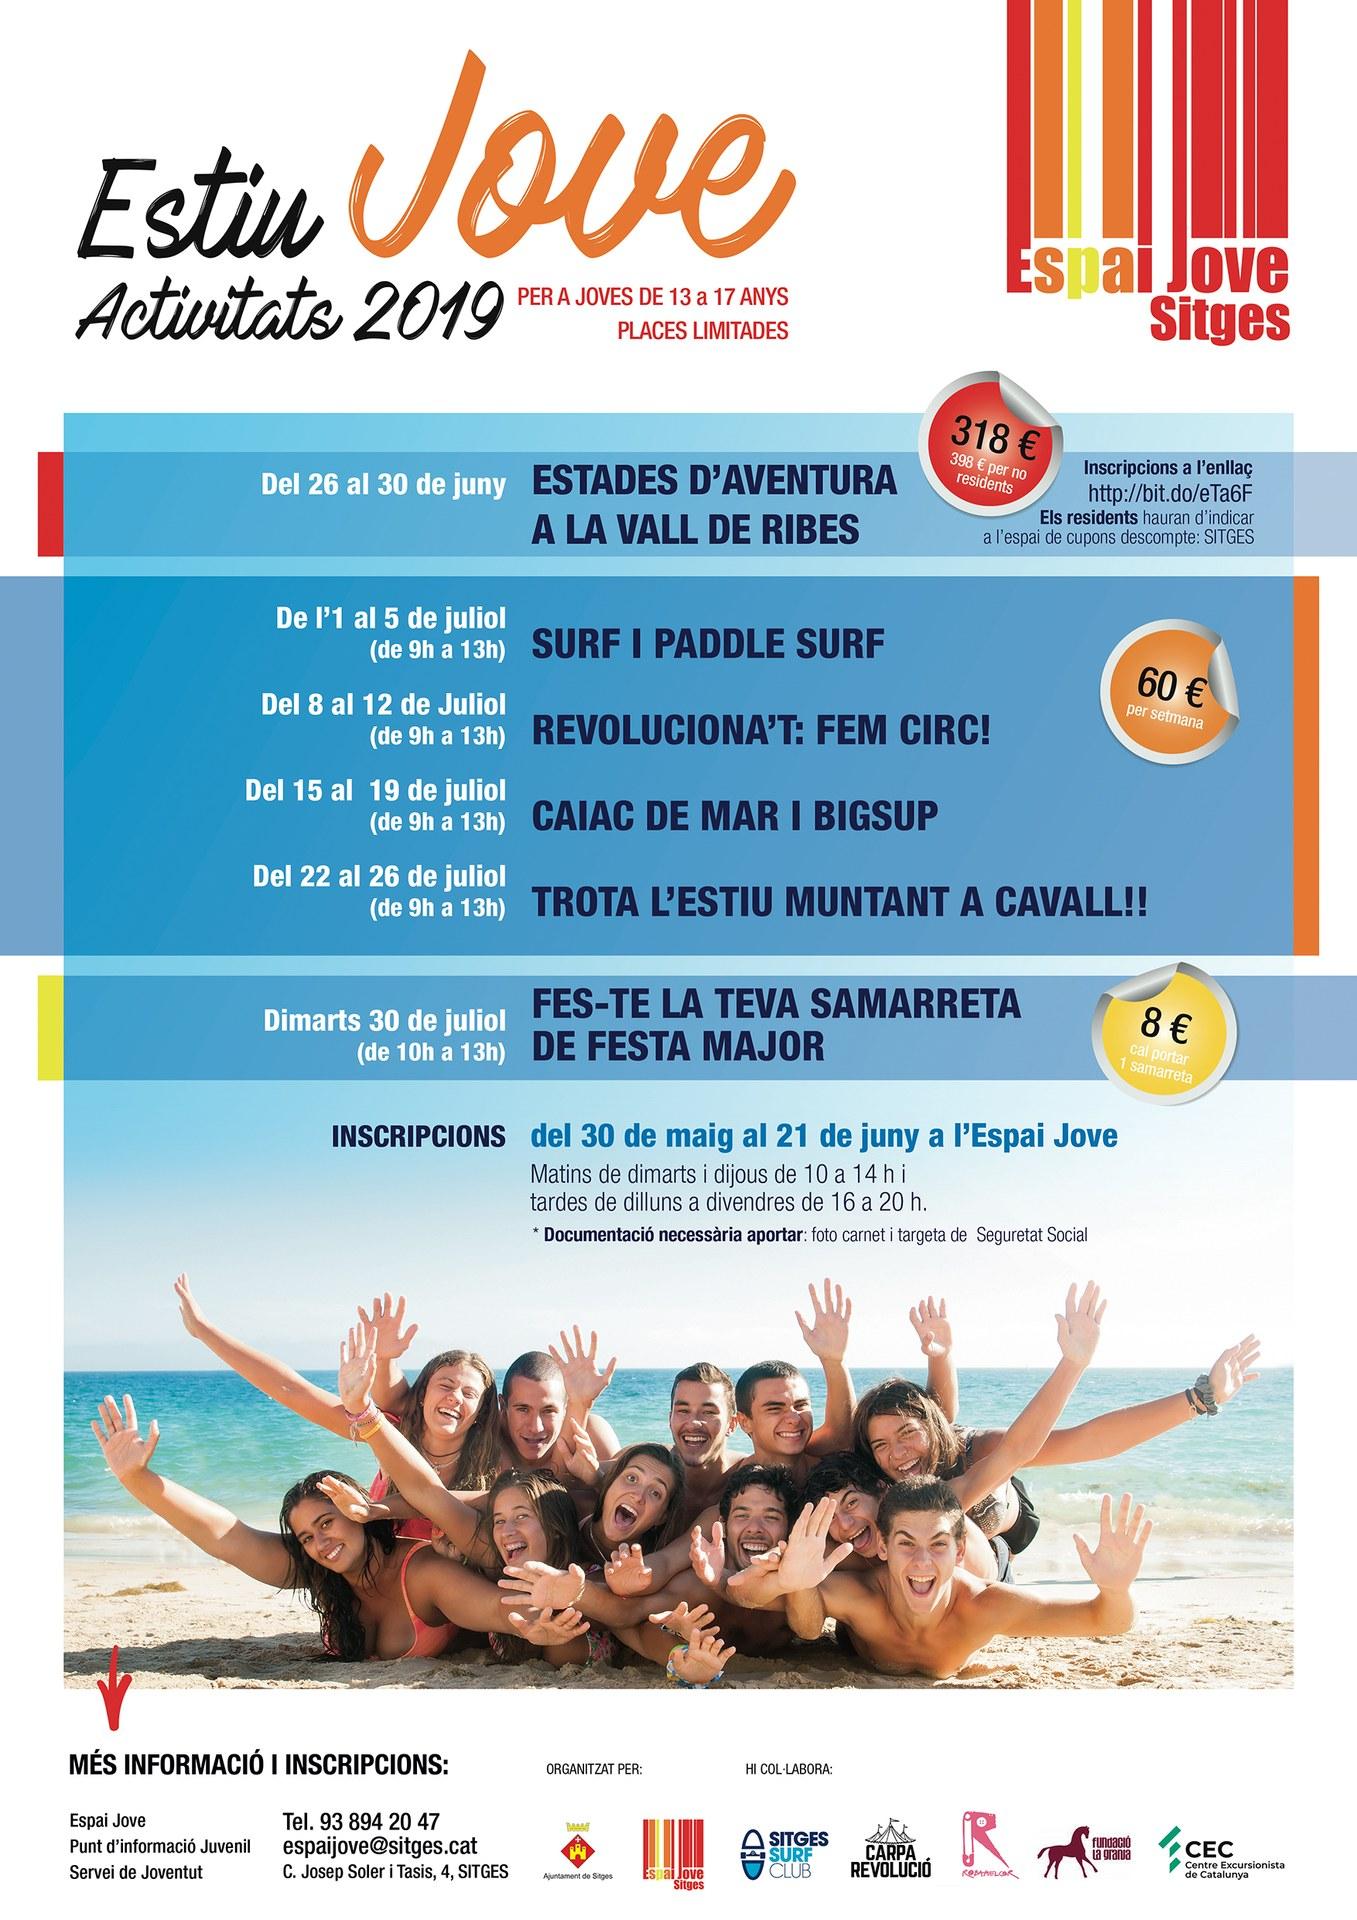 La regidoria de Joventut organitza activitats d'estiu adreçades a joves de 13 a 17 anys